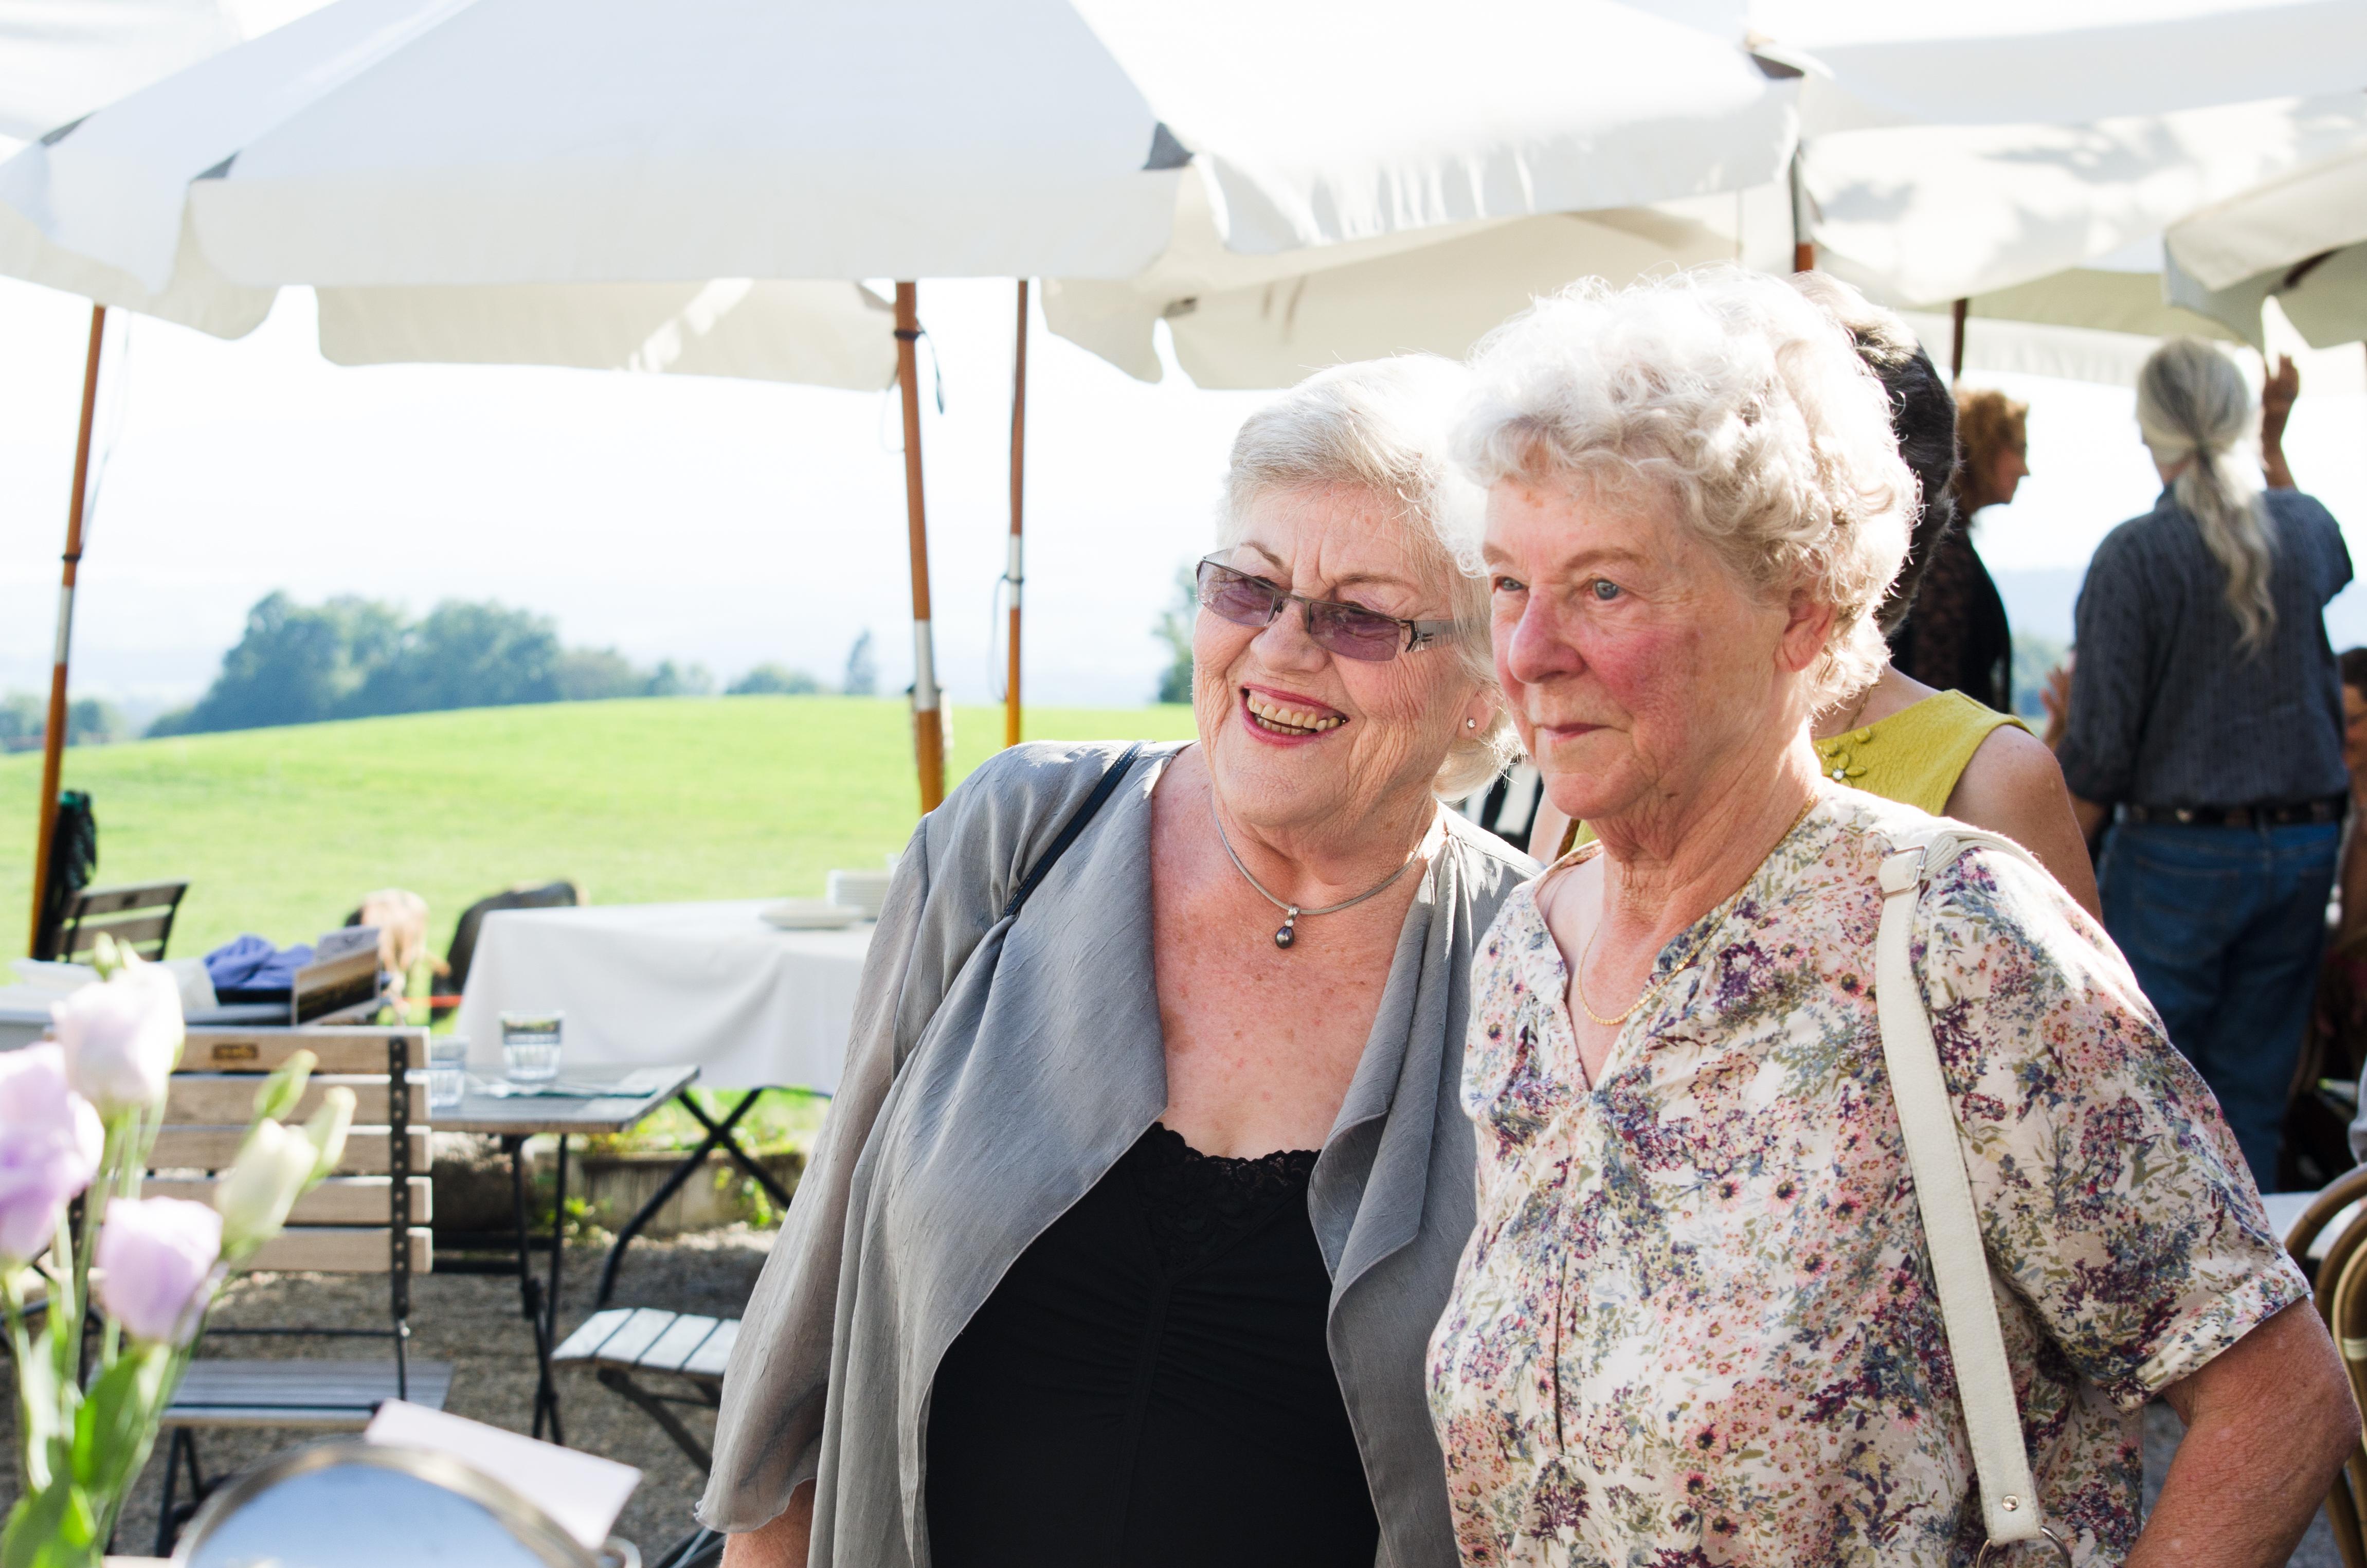 Hochzeitsfest_Sue und Stephan-118